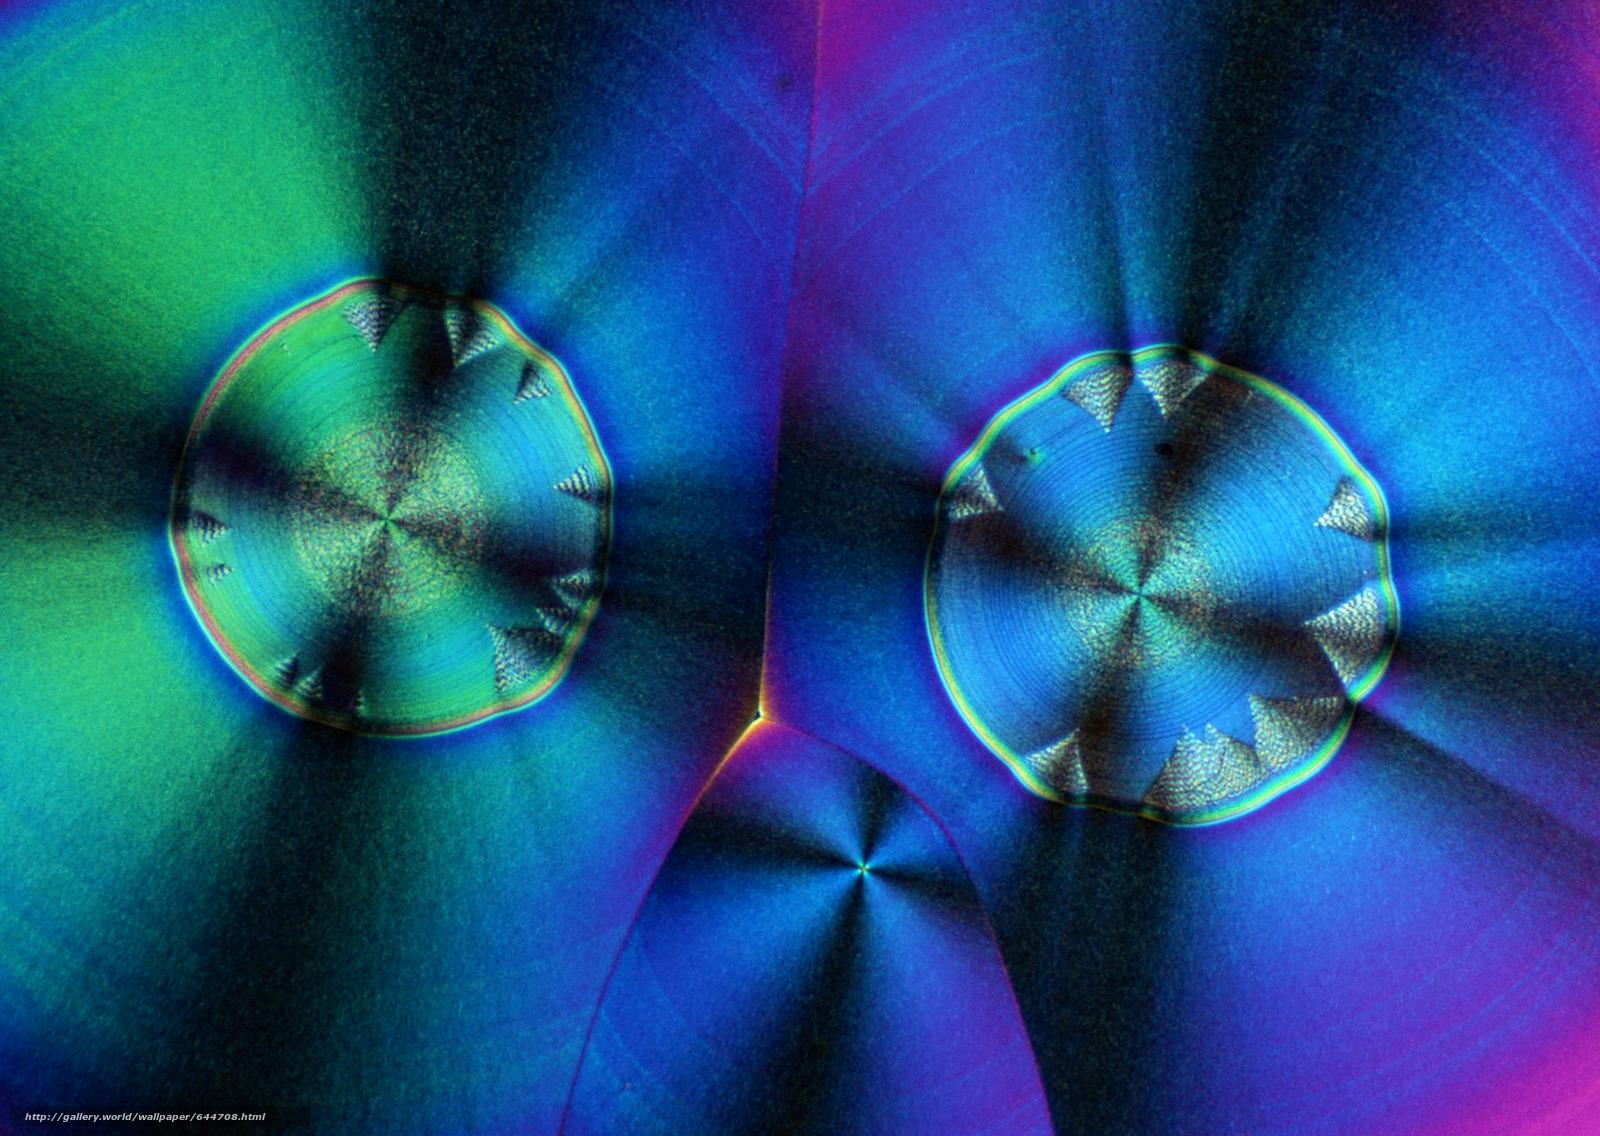 Скачать обои кристаллы под микроскопом,  кристалл,  микроскоп,  увеличение бесплатно для рабочего стола в разрешении 2950x2094 — картинка №644708